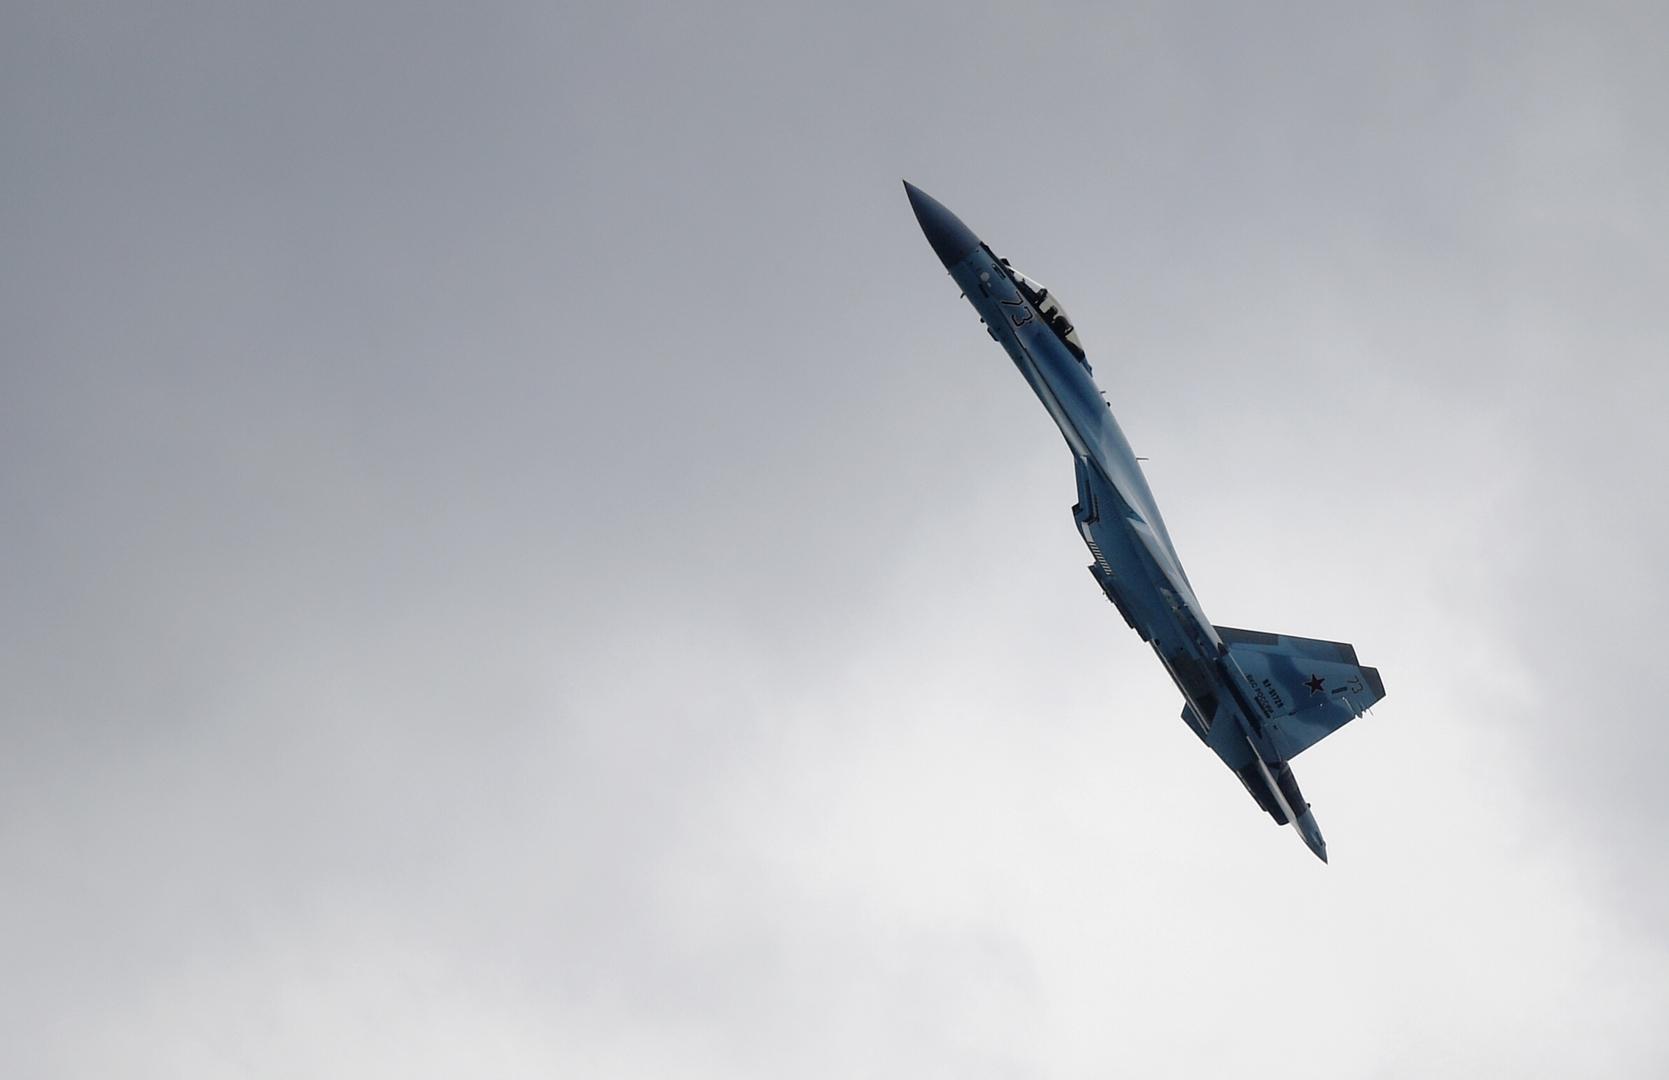 واشنطن تعلن عن قلق دول أخرى من شراء مصر مقاتلات